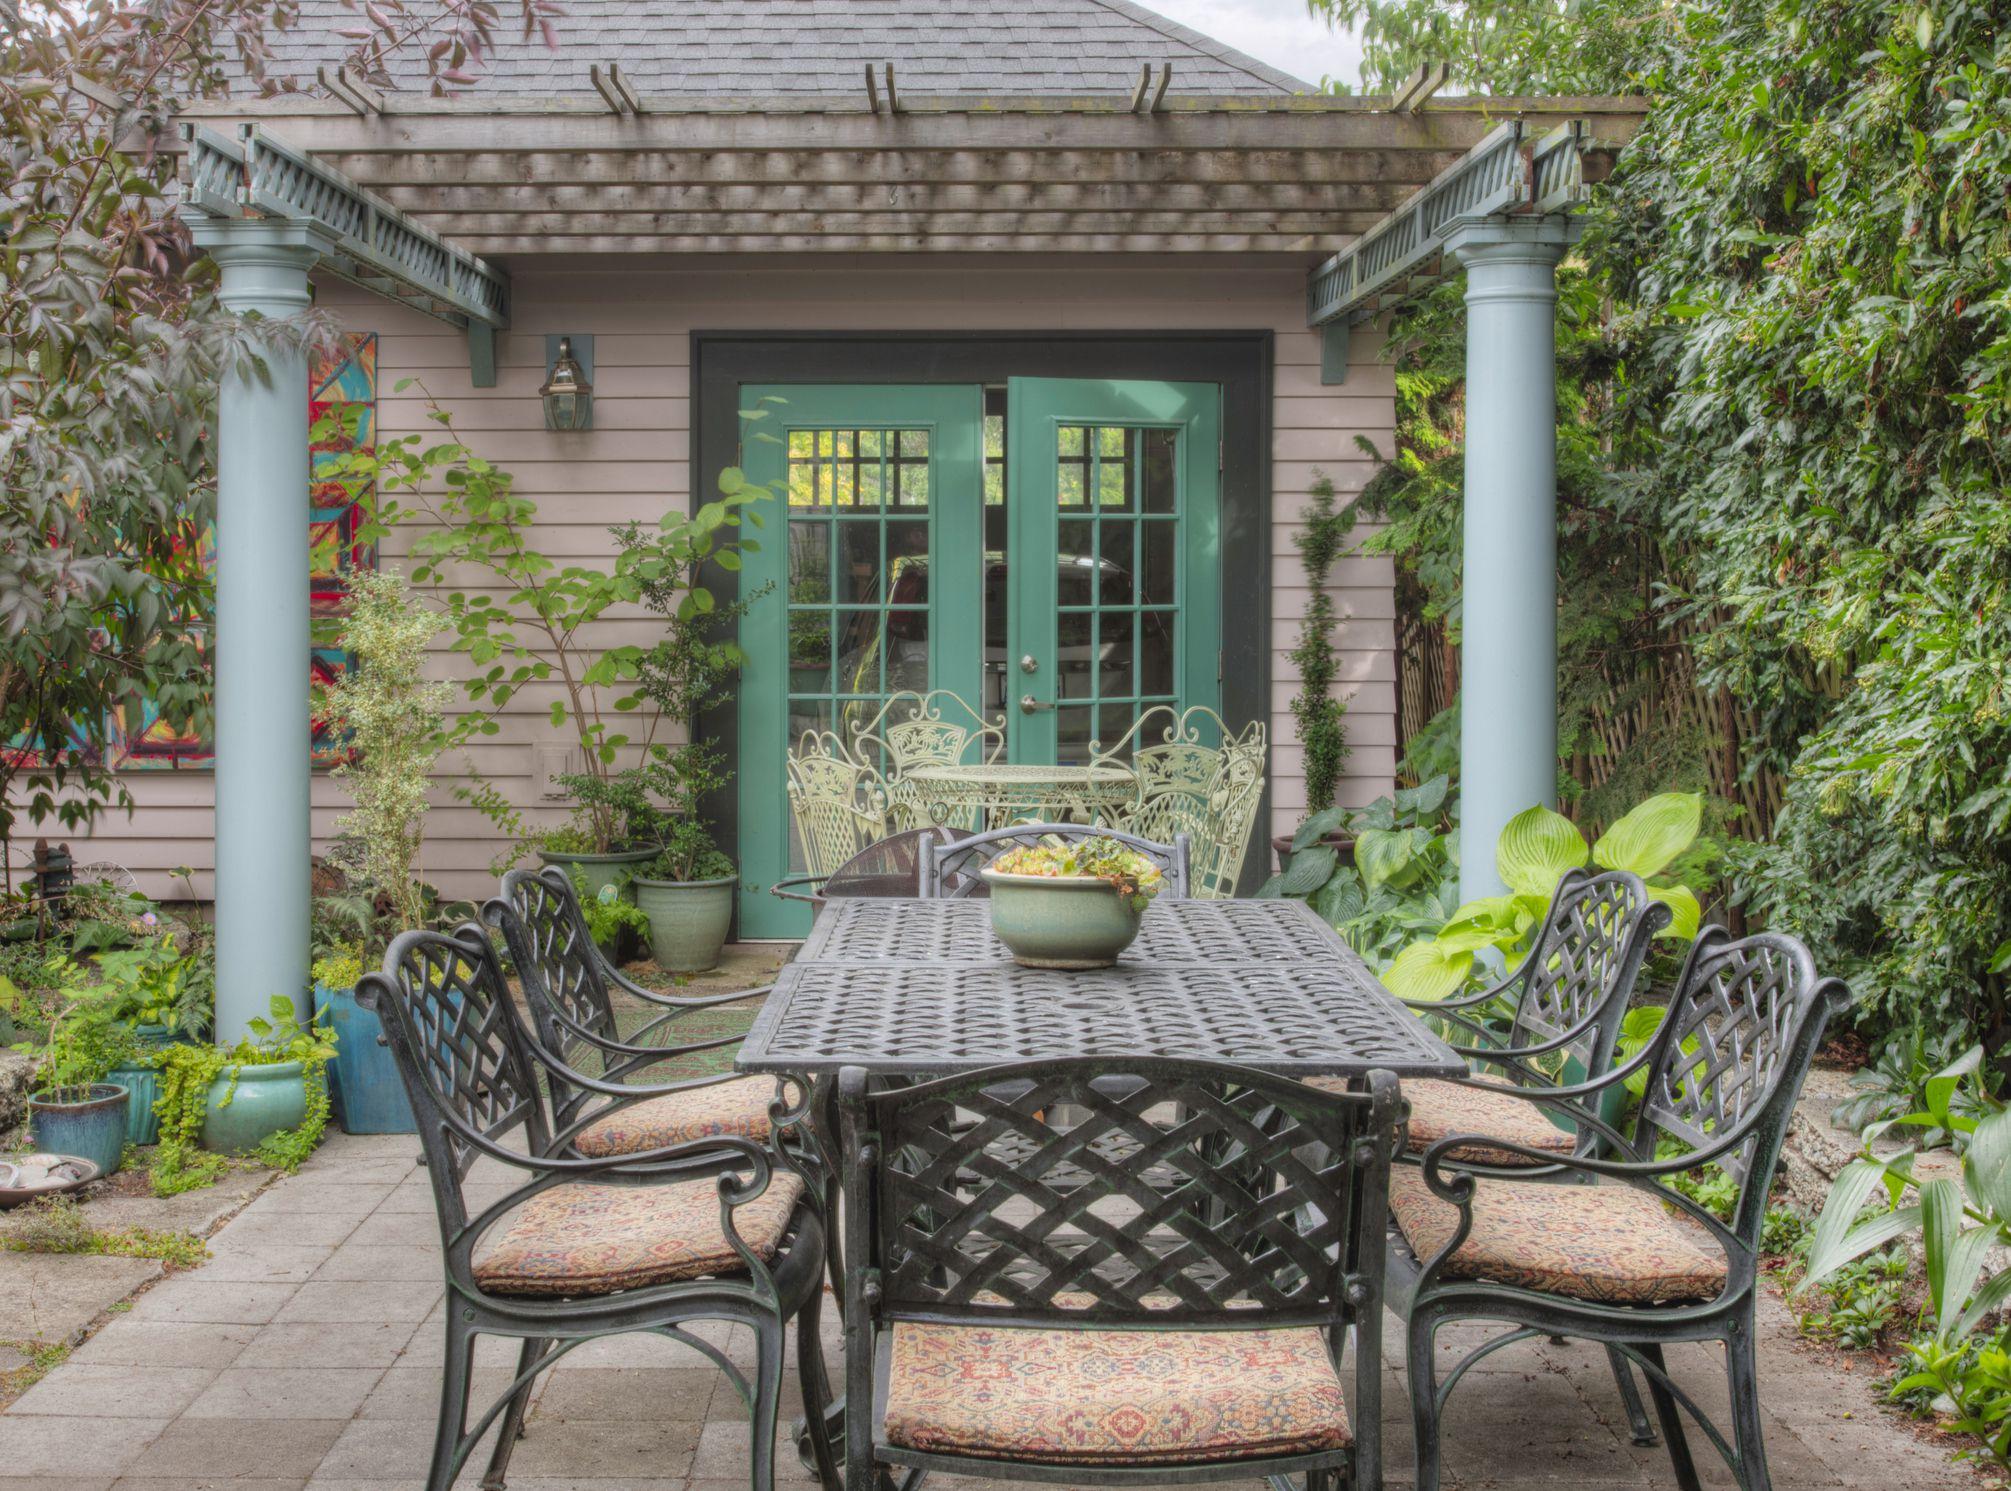 25 perfect pergola design ideas for your garden - Outdoor patio design ideas ...